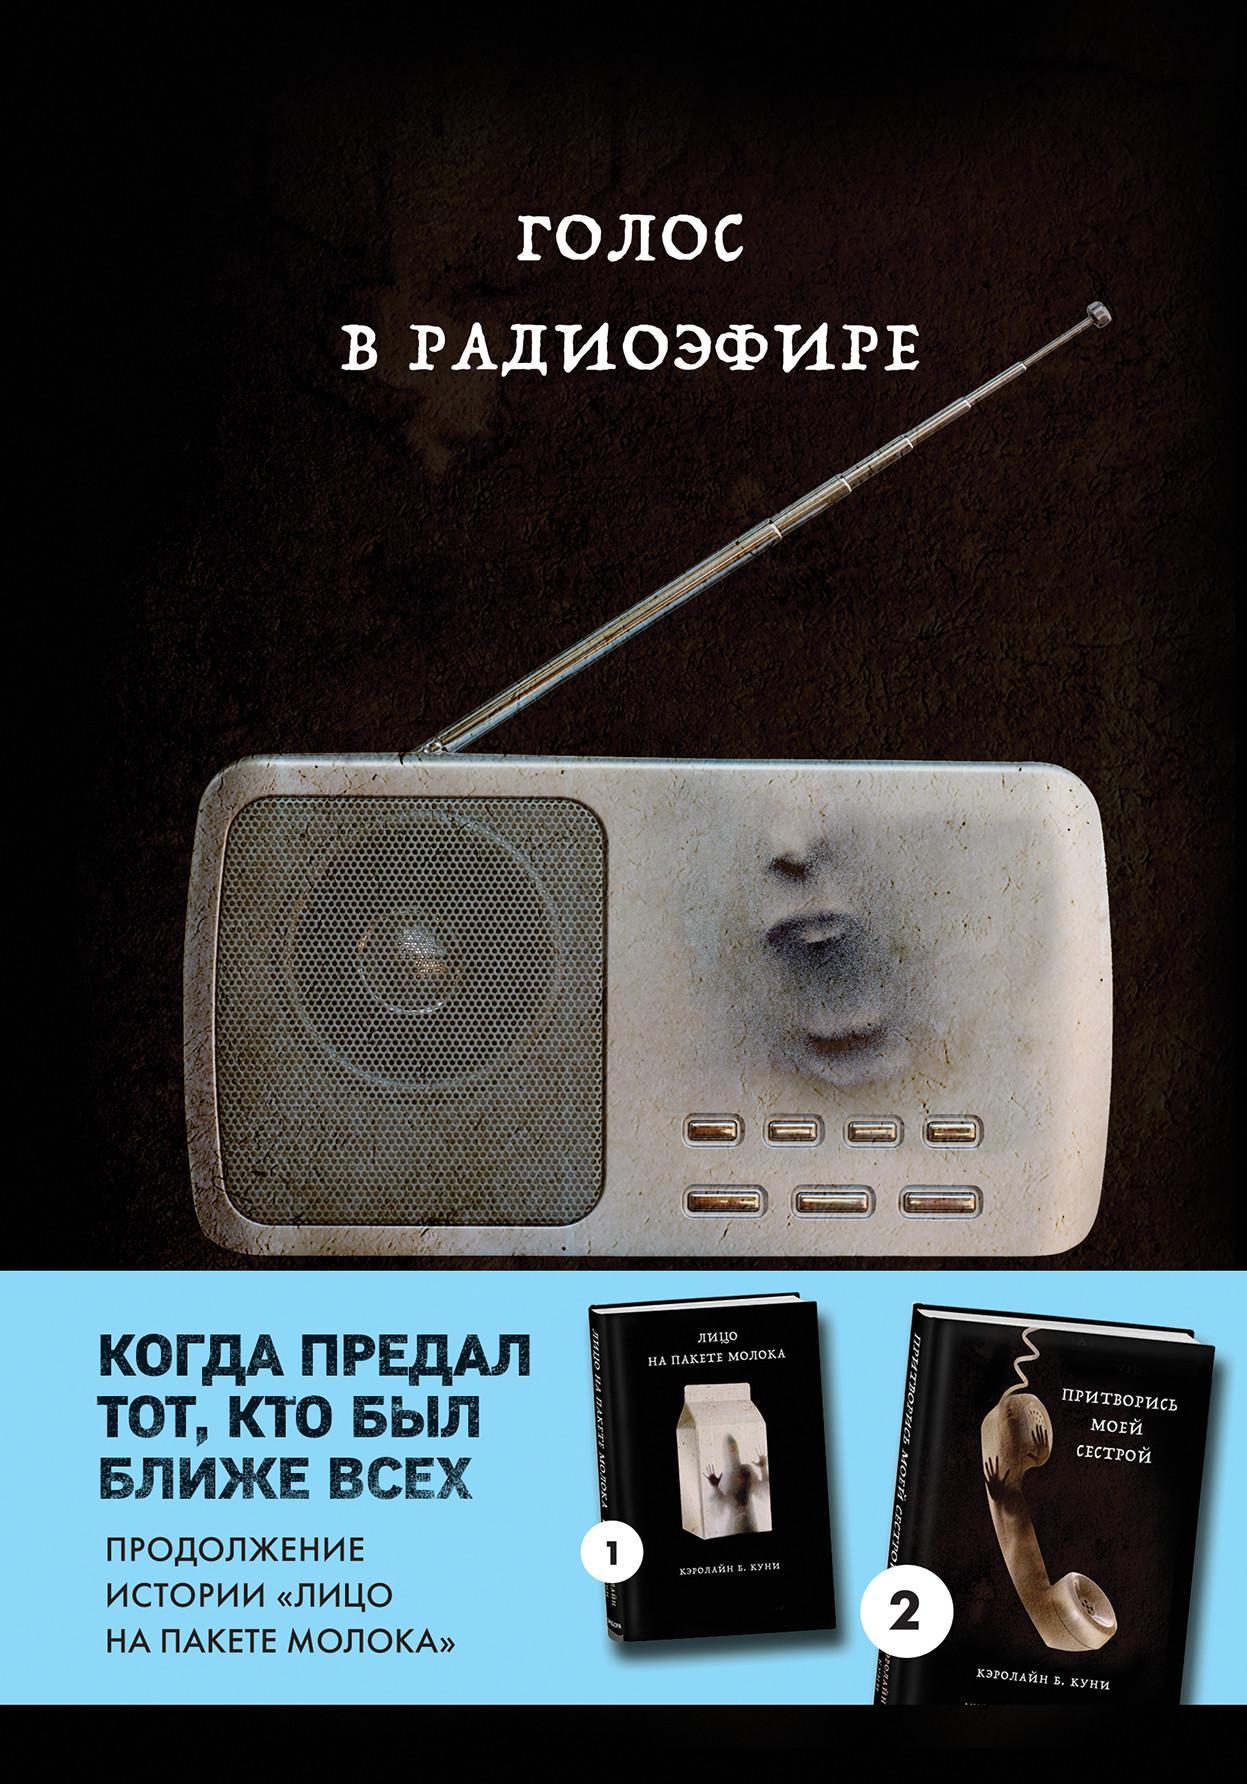 Голос в радиоэфире